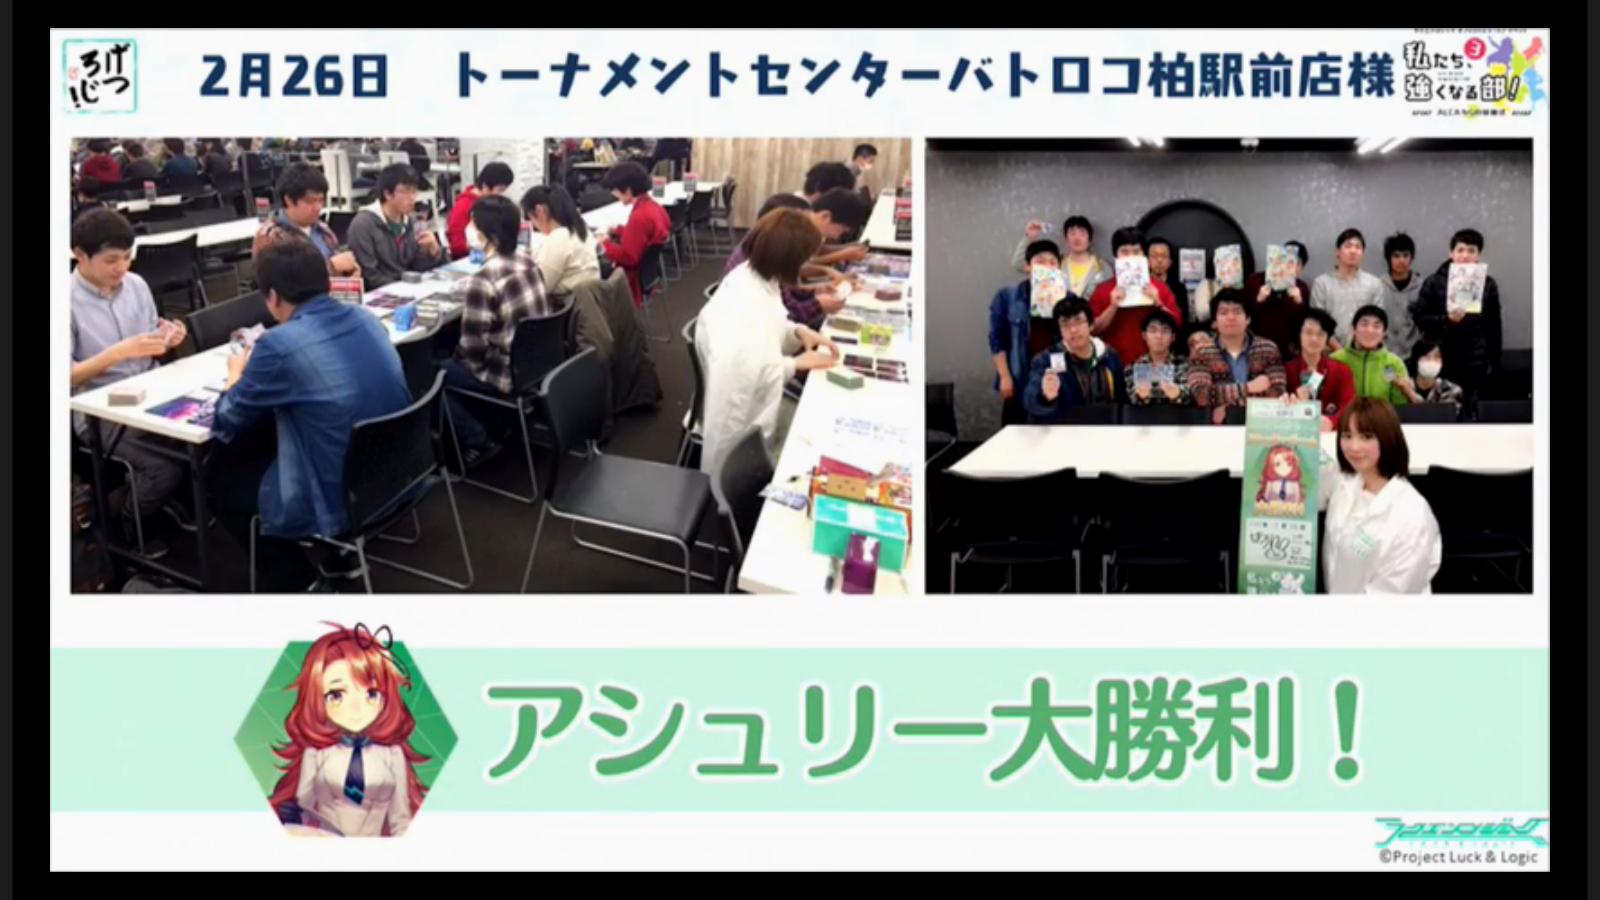 bshi-live-170306-004.jpg